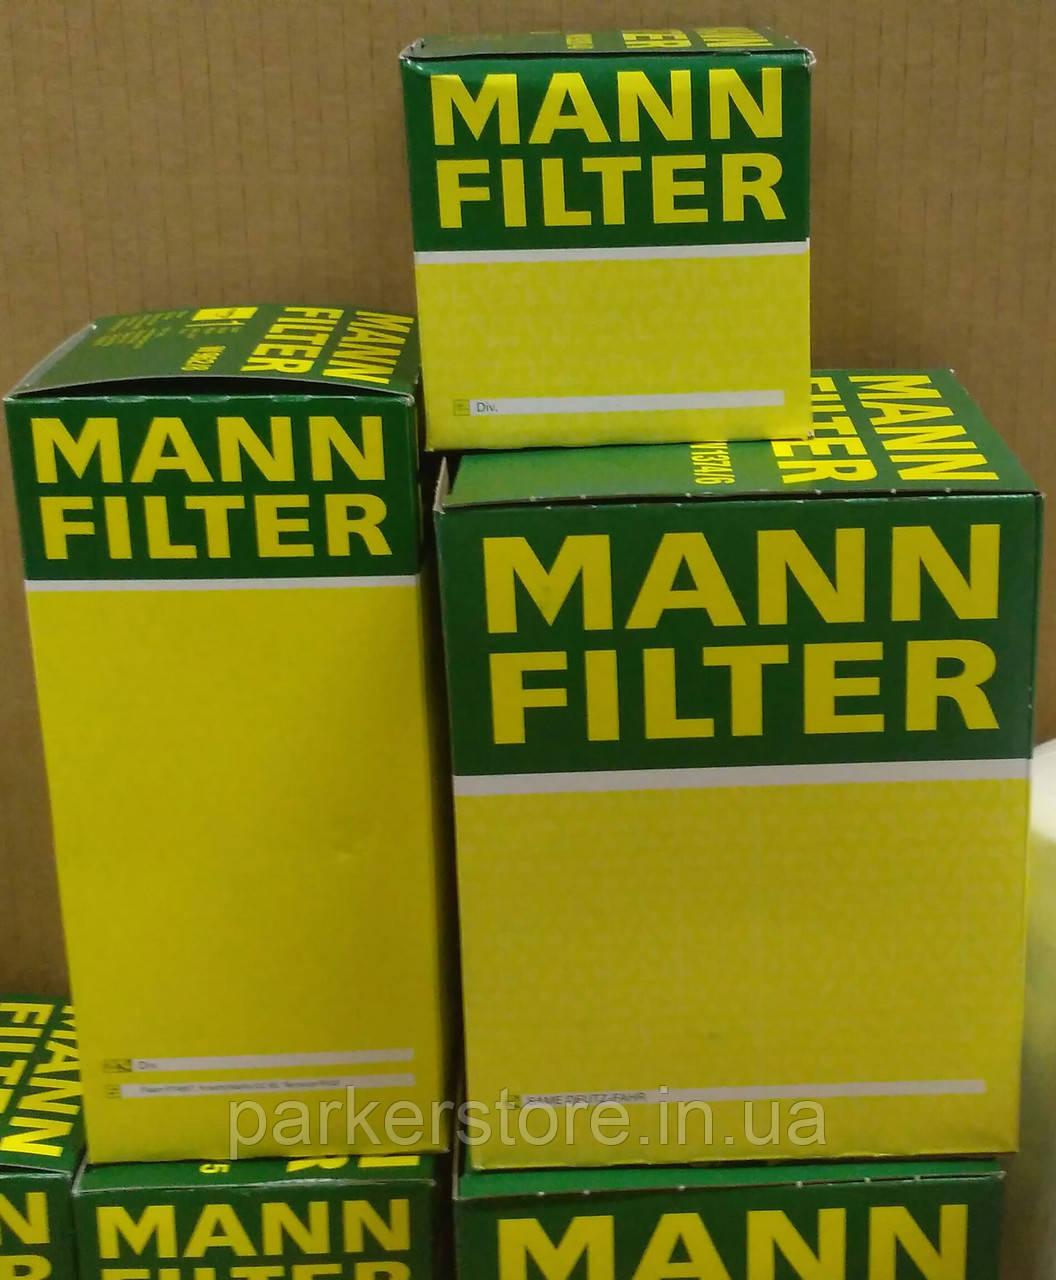 MANN FILTER / Повітряний фільтр / C 26 106 / C26106